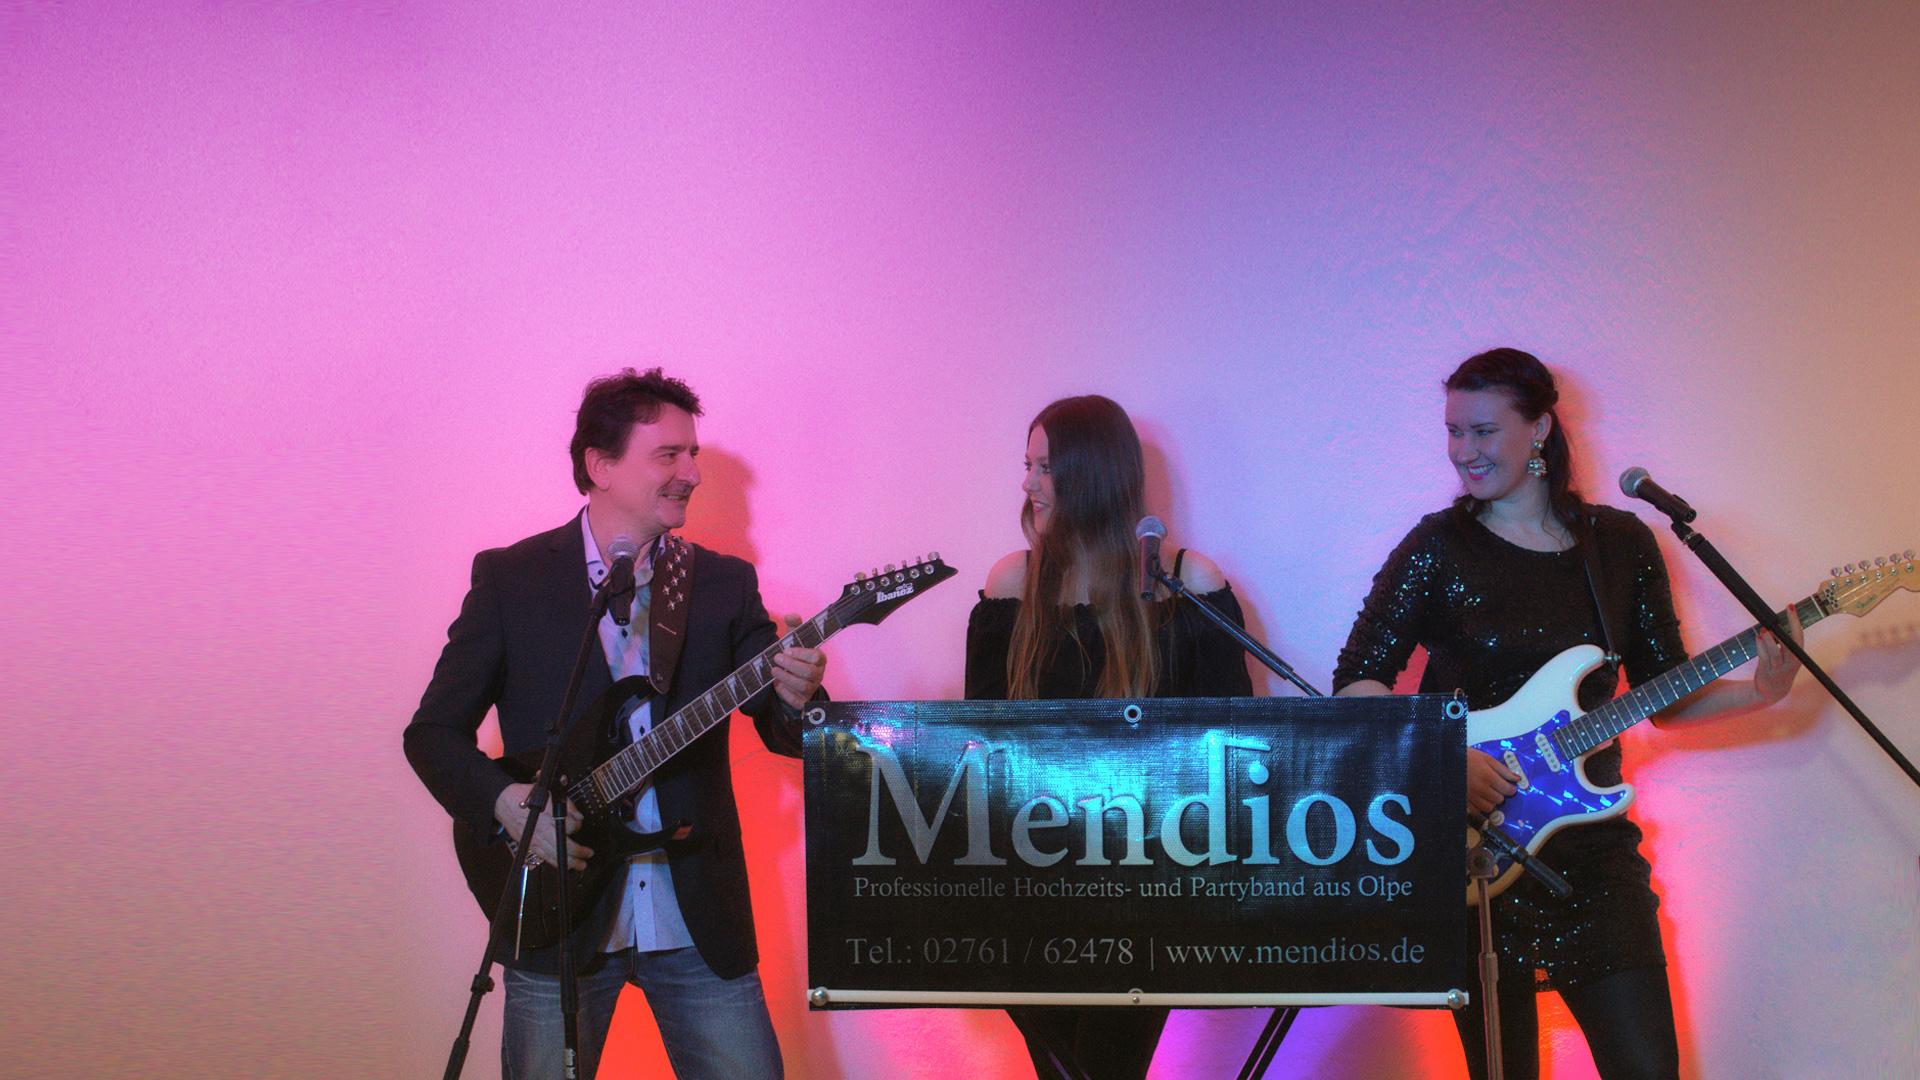 Mendios_002